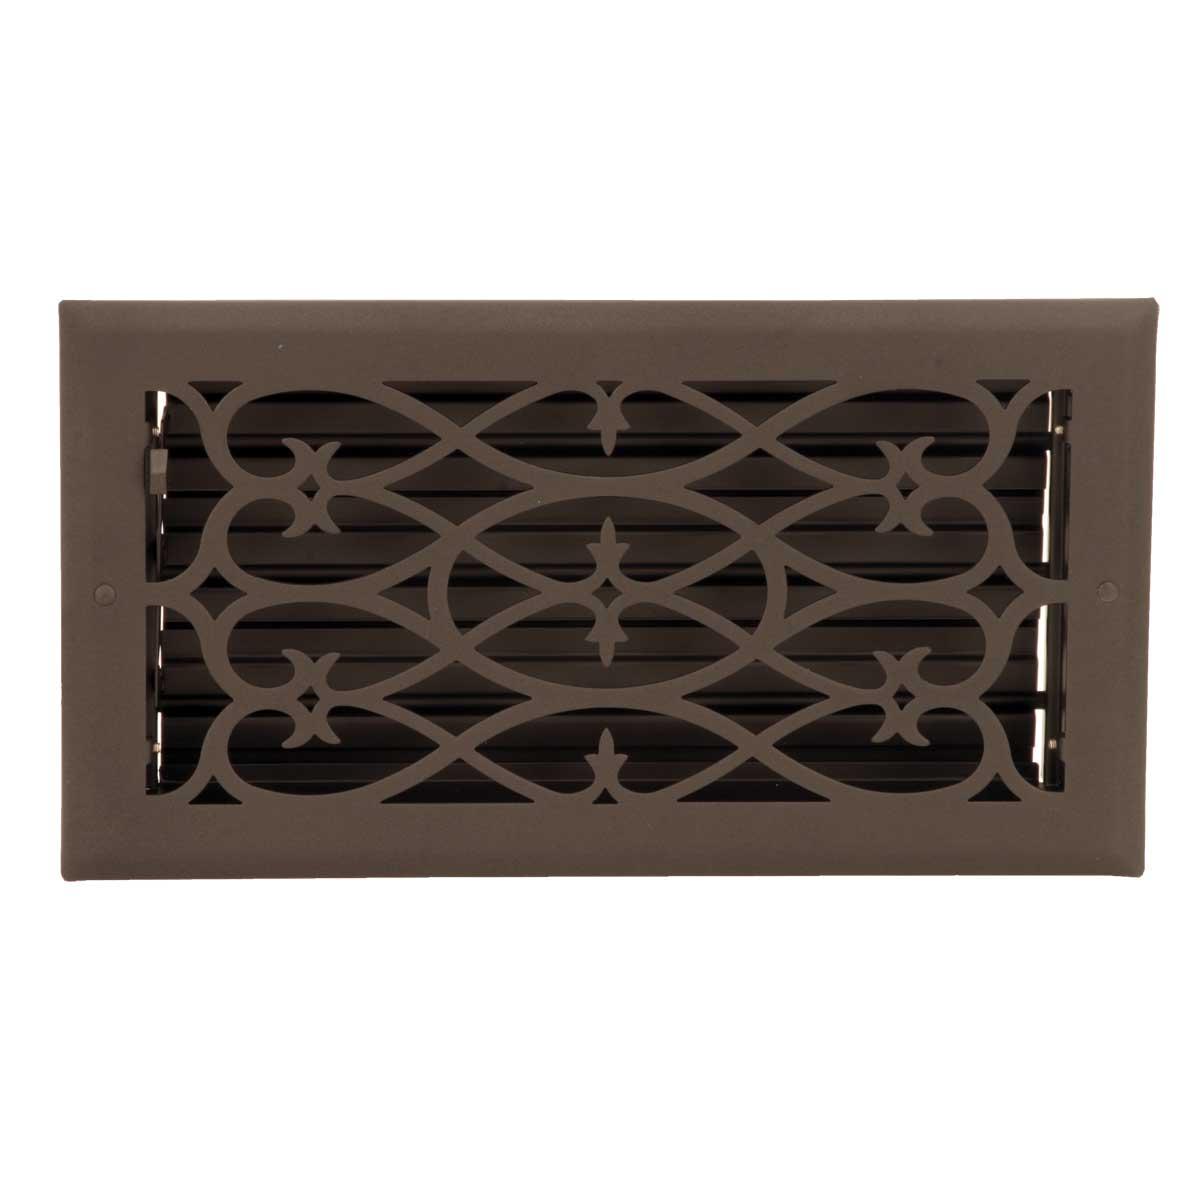 Floor Heat Register Louver Vent Steel 5 3/4 x 11 3/4 Duct | Renovator's Supply